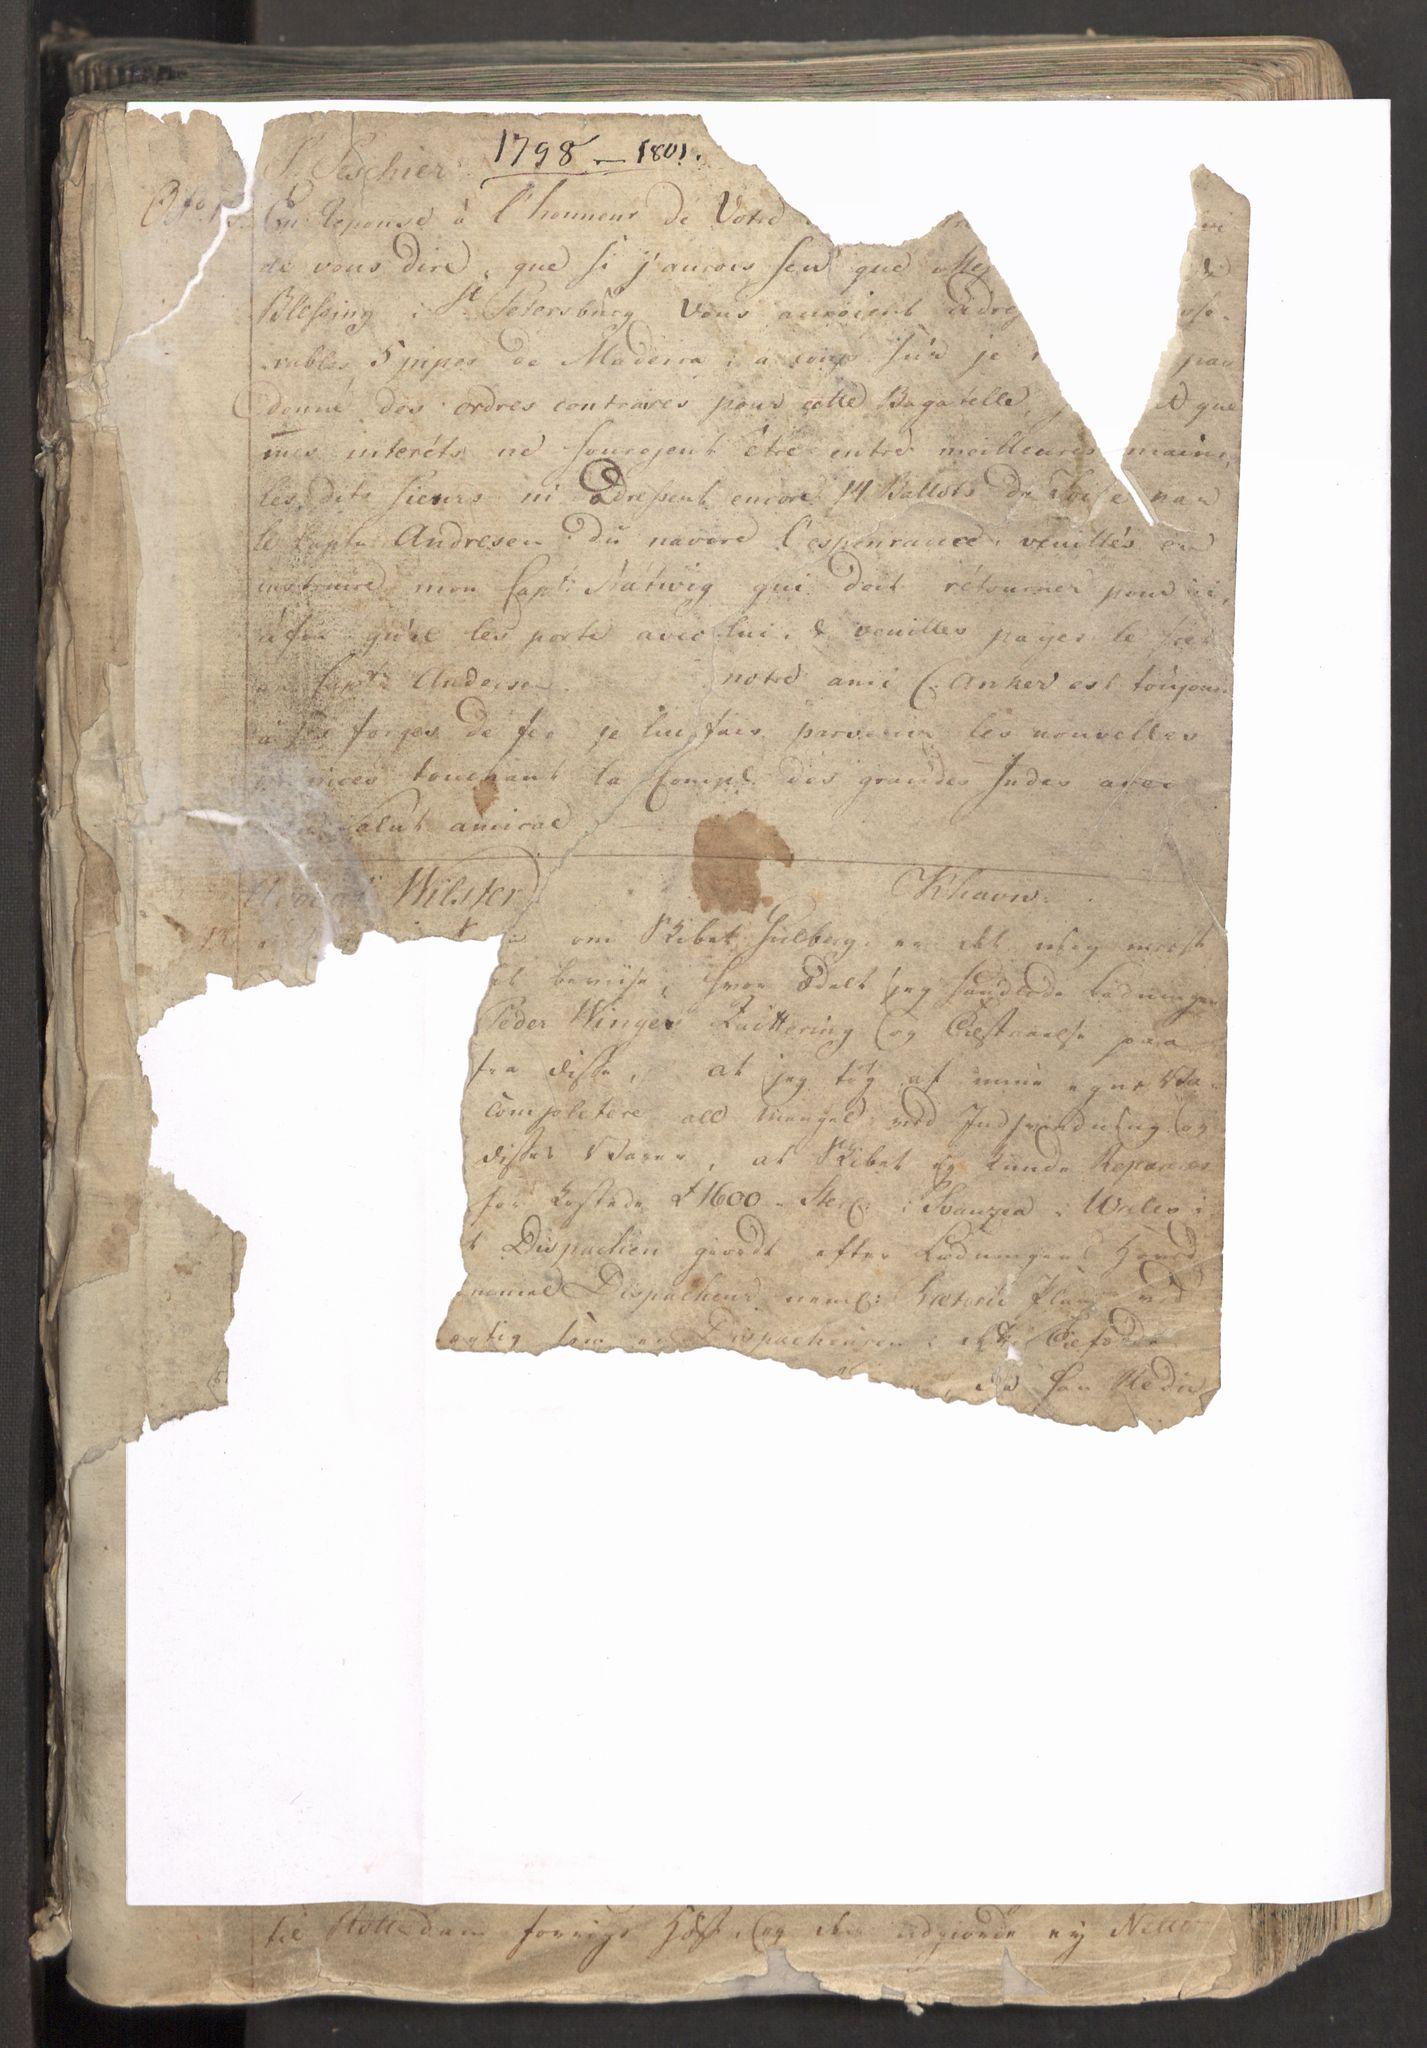 RA, Anker, F/Fa/Gea/L0002, 1798-1801, s. 8